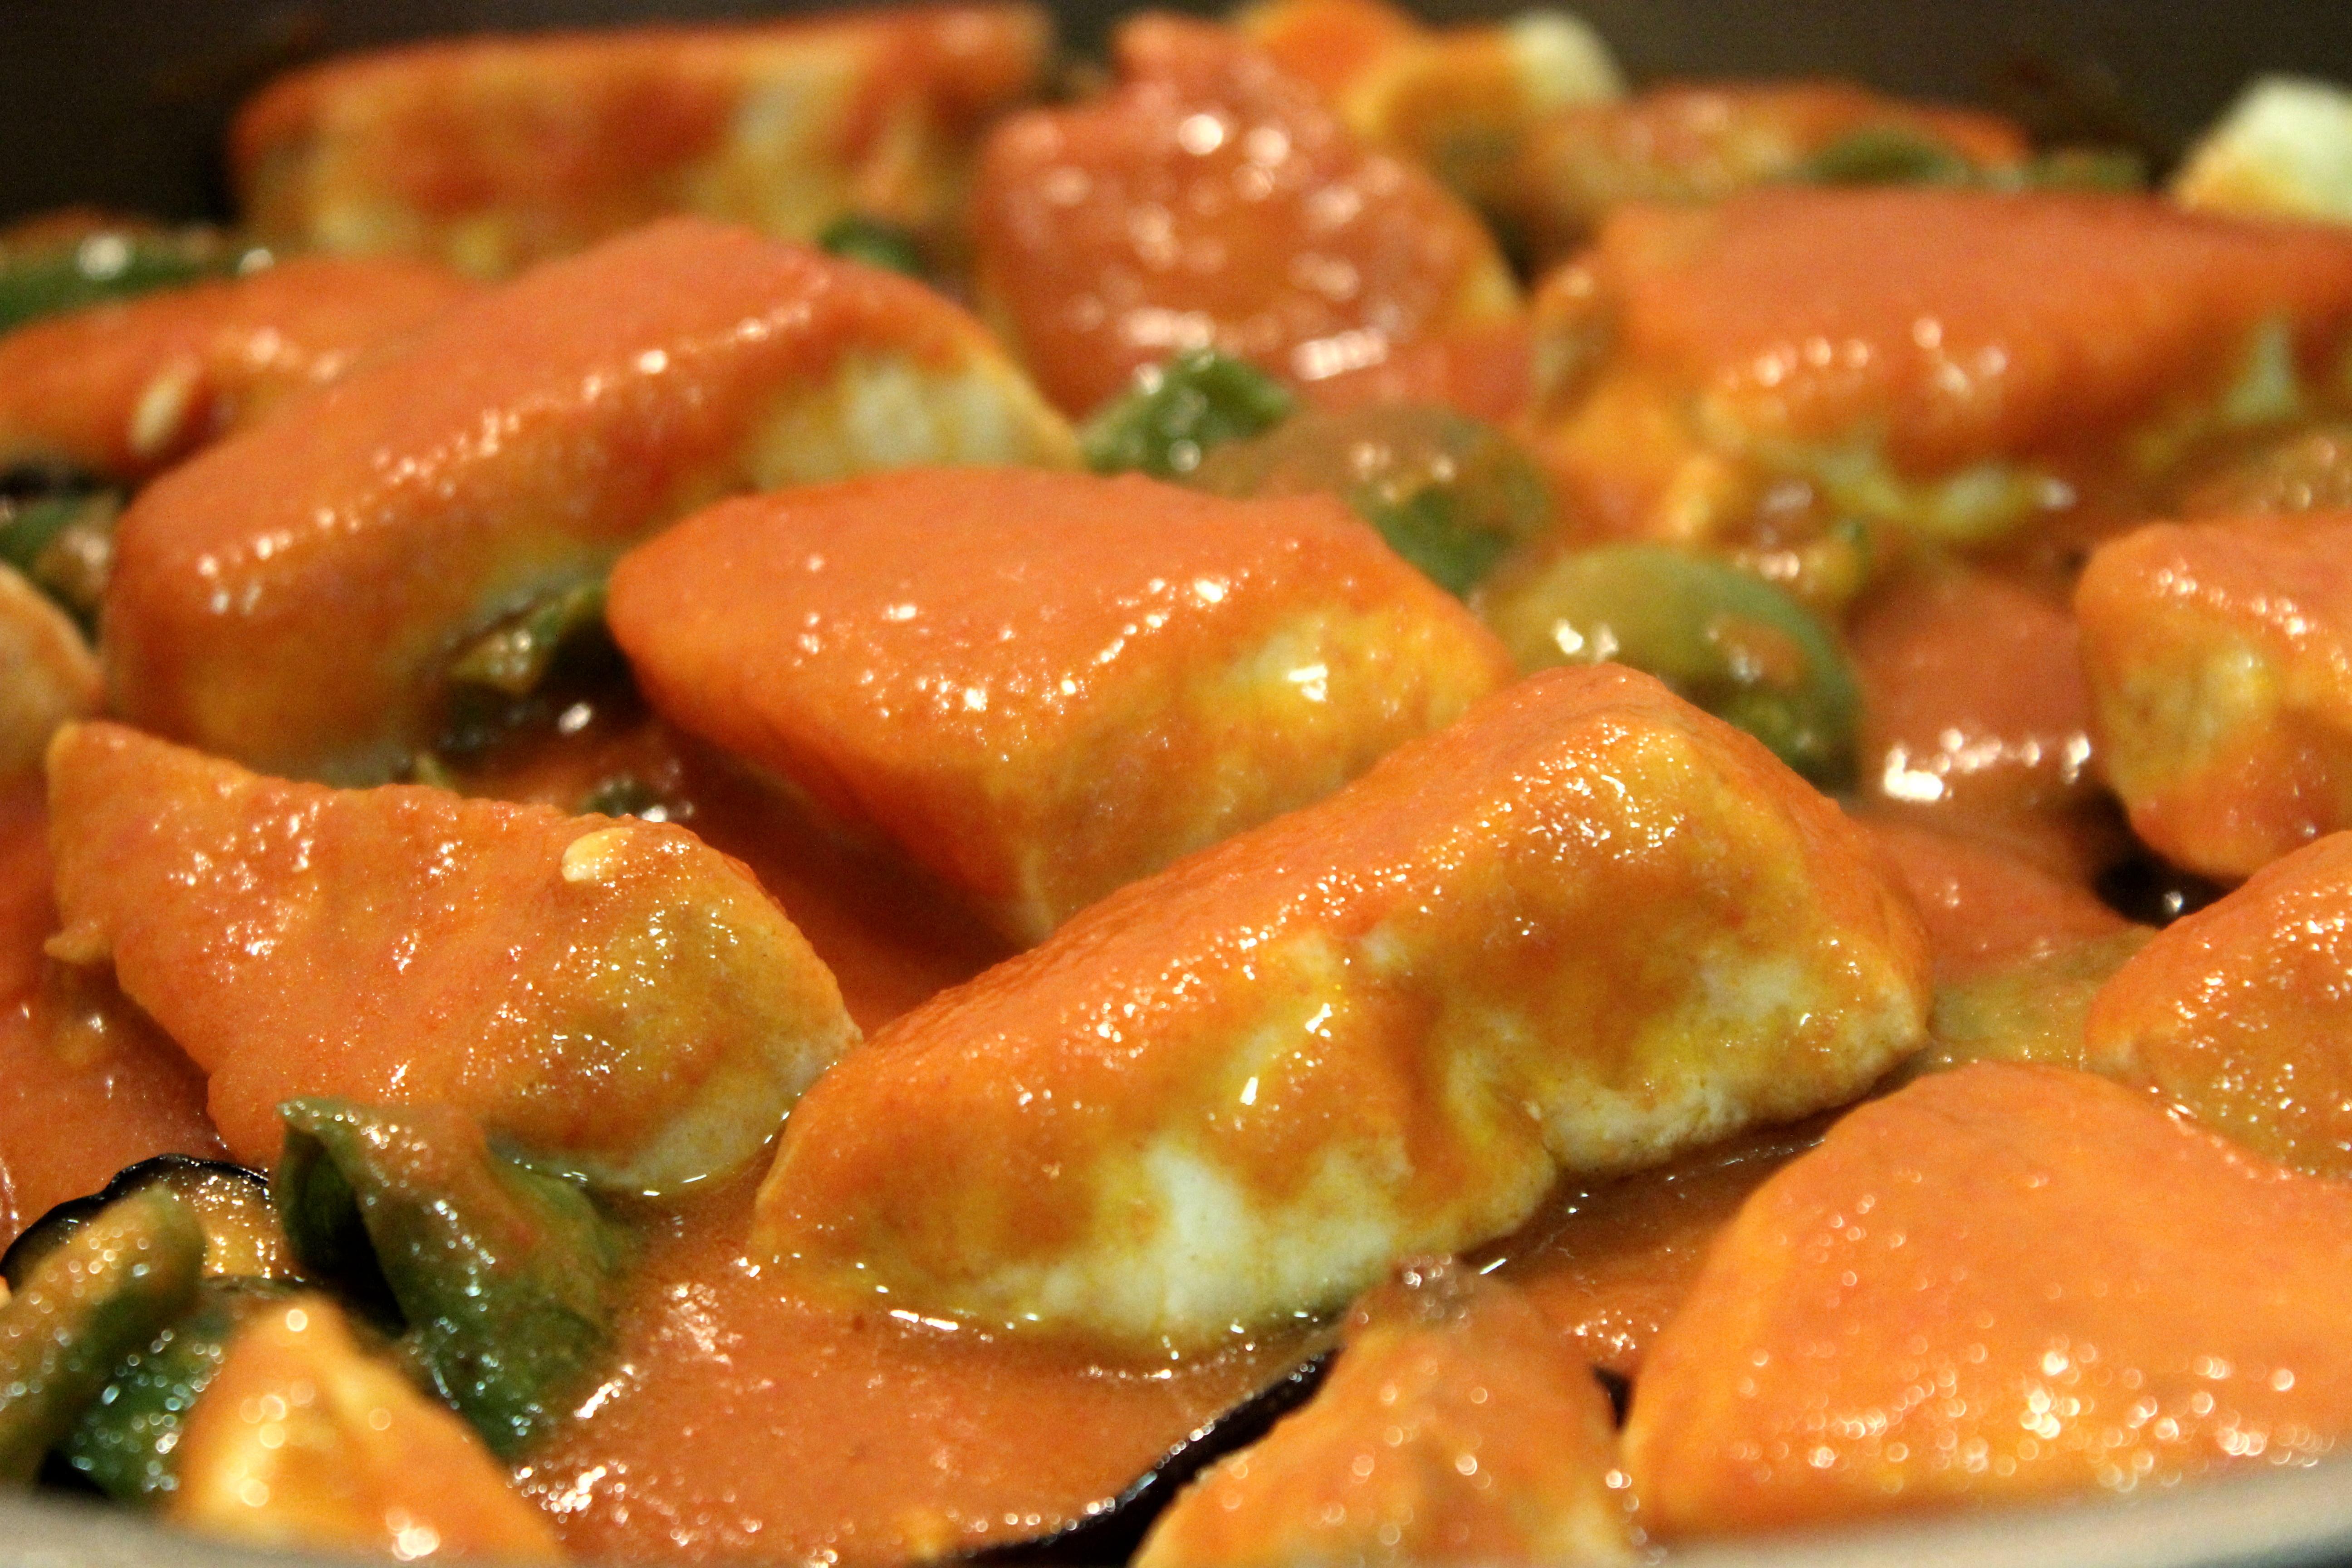 Cocina Tradicional Murciana   Gastronomia En Verso Bonito Con Aromas Y Sabores Murcianos